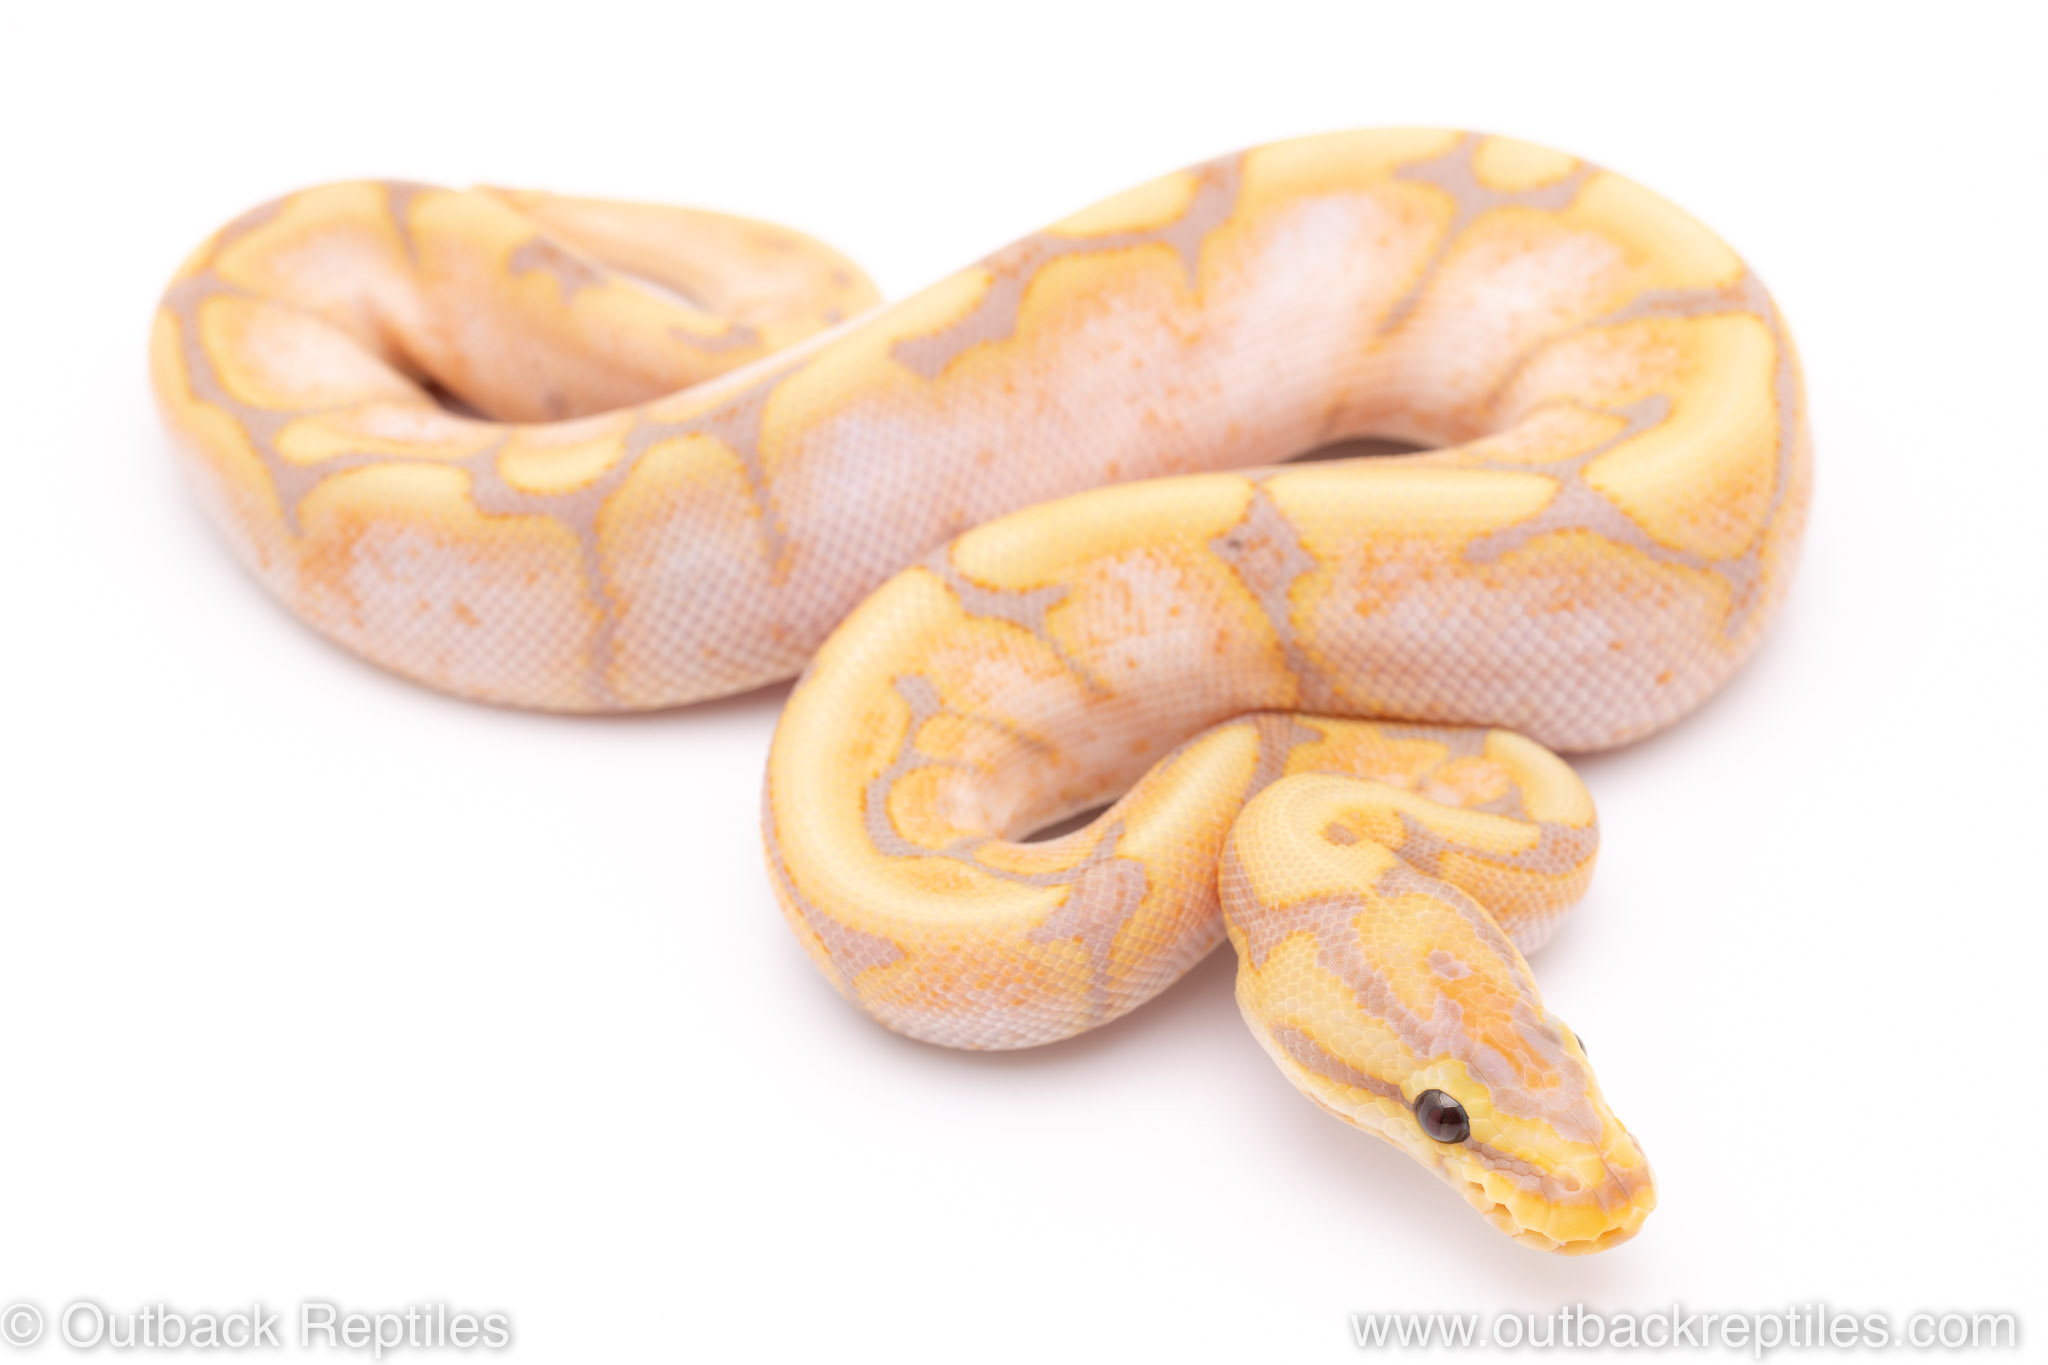 Banana Spider ball python for sale